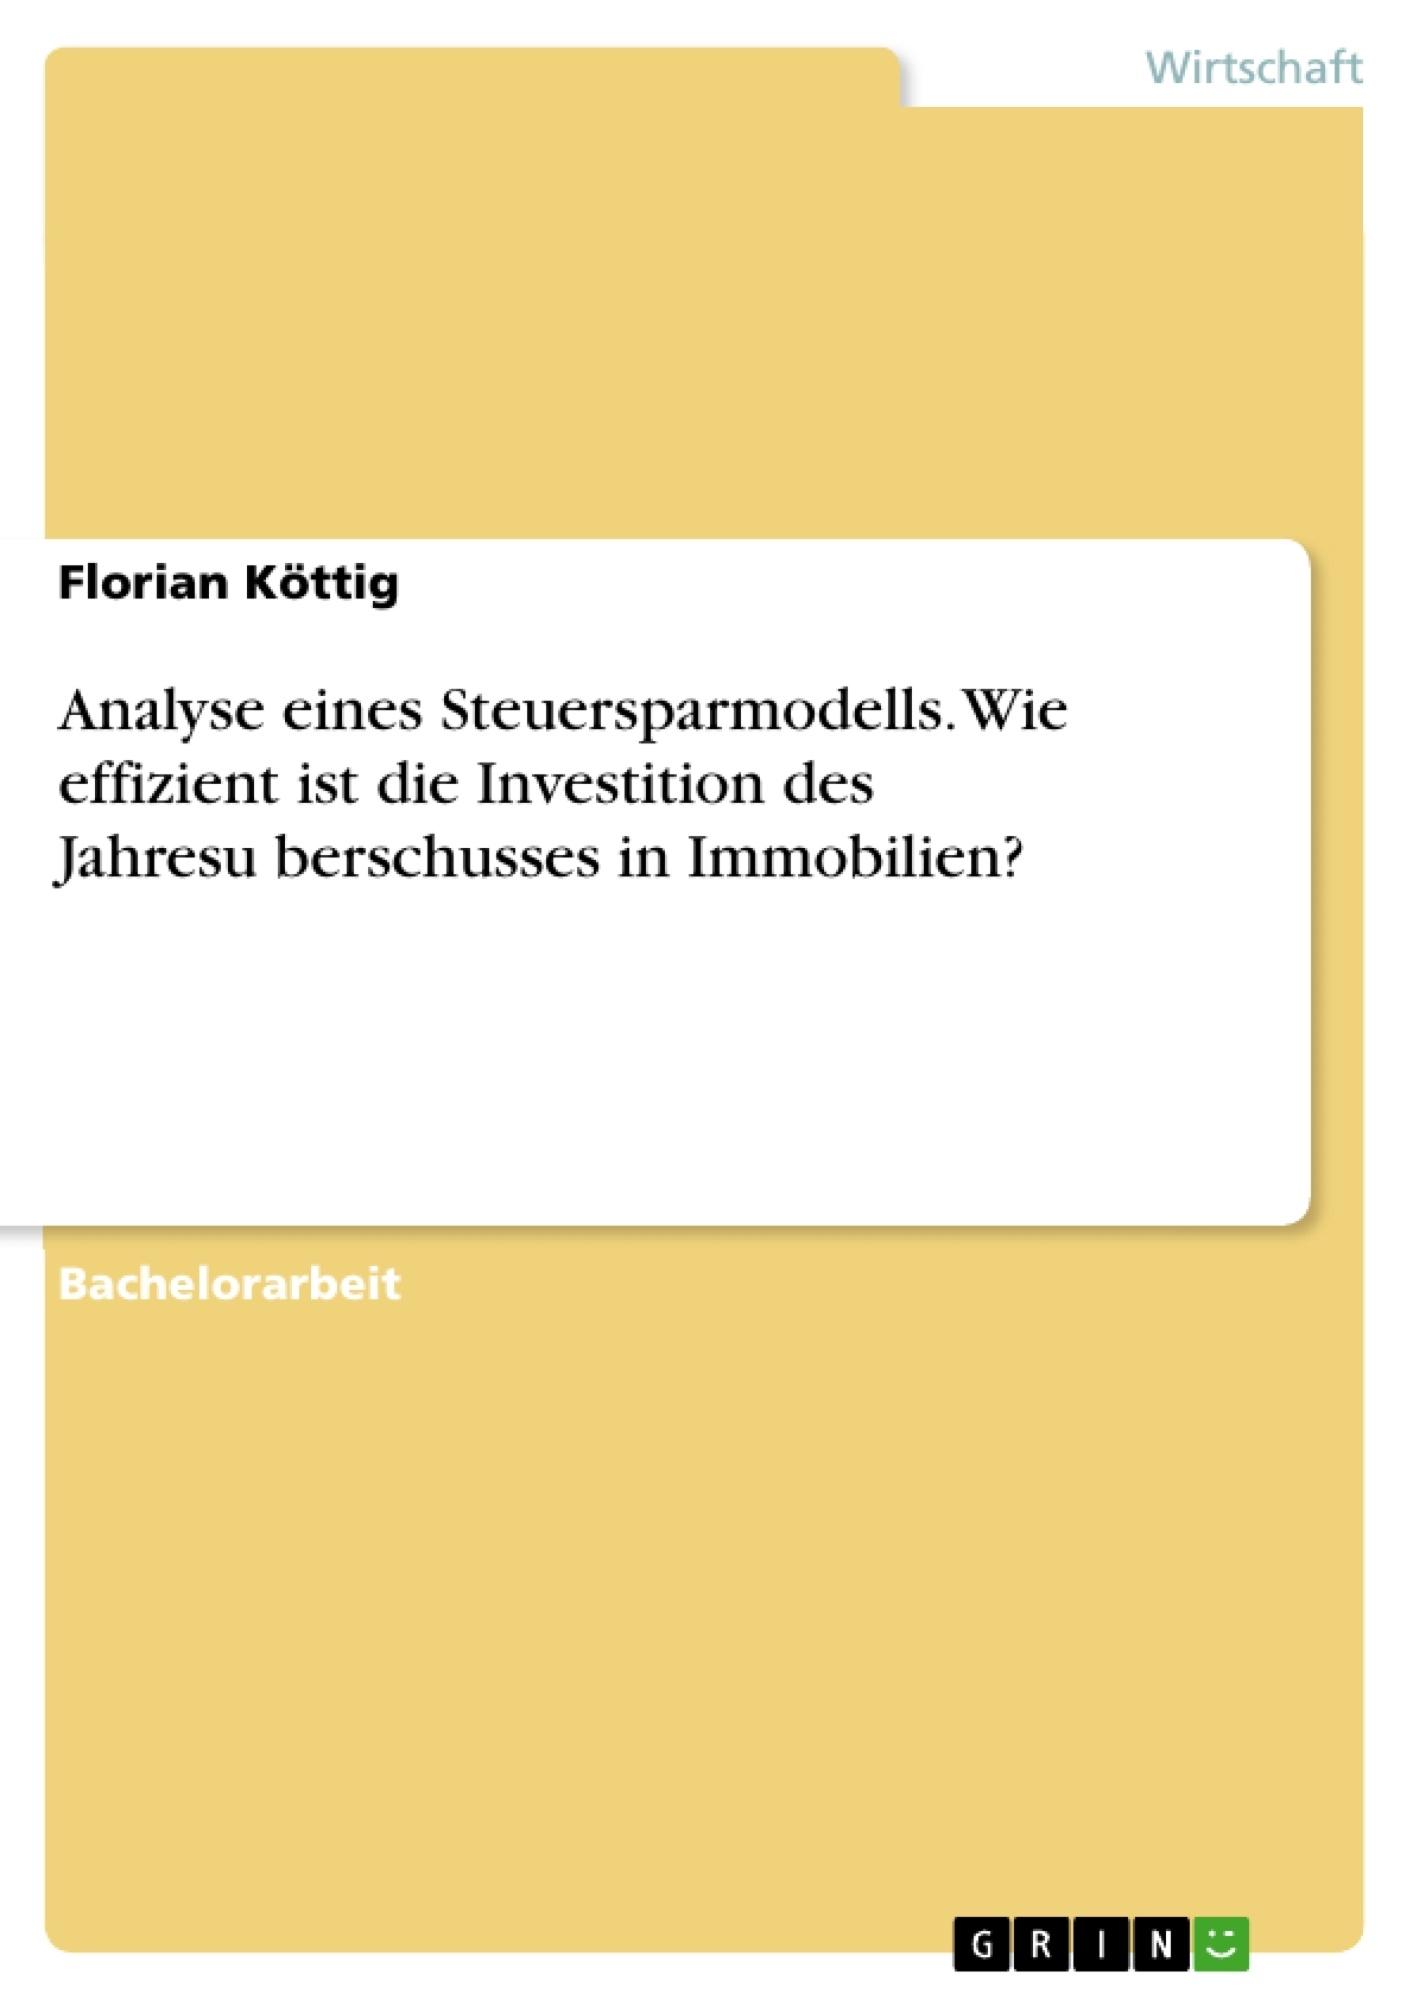 Titel: Analyse eines Steuersparmodells. Wie effizient ist die Investition des Jahresüberschusses in Immobilien?